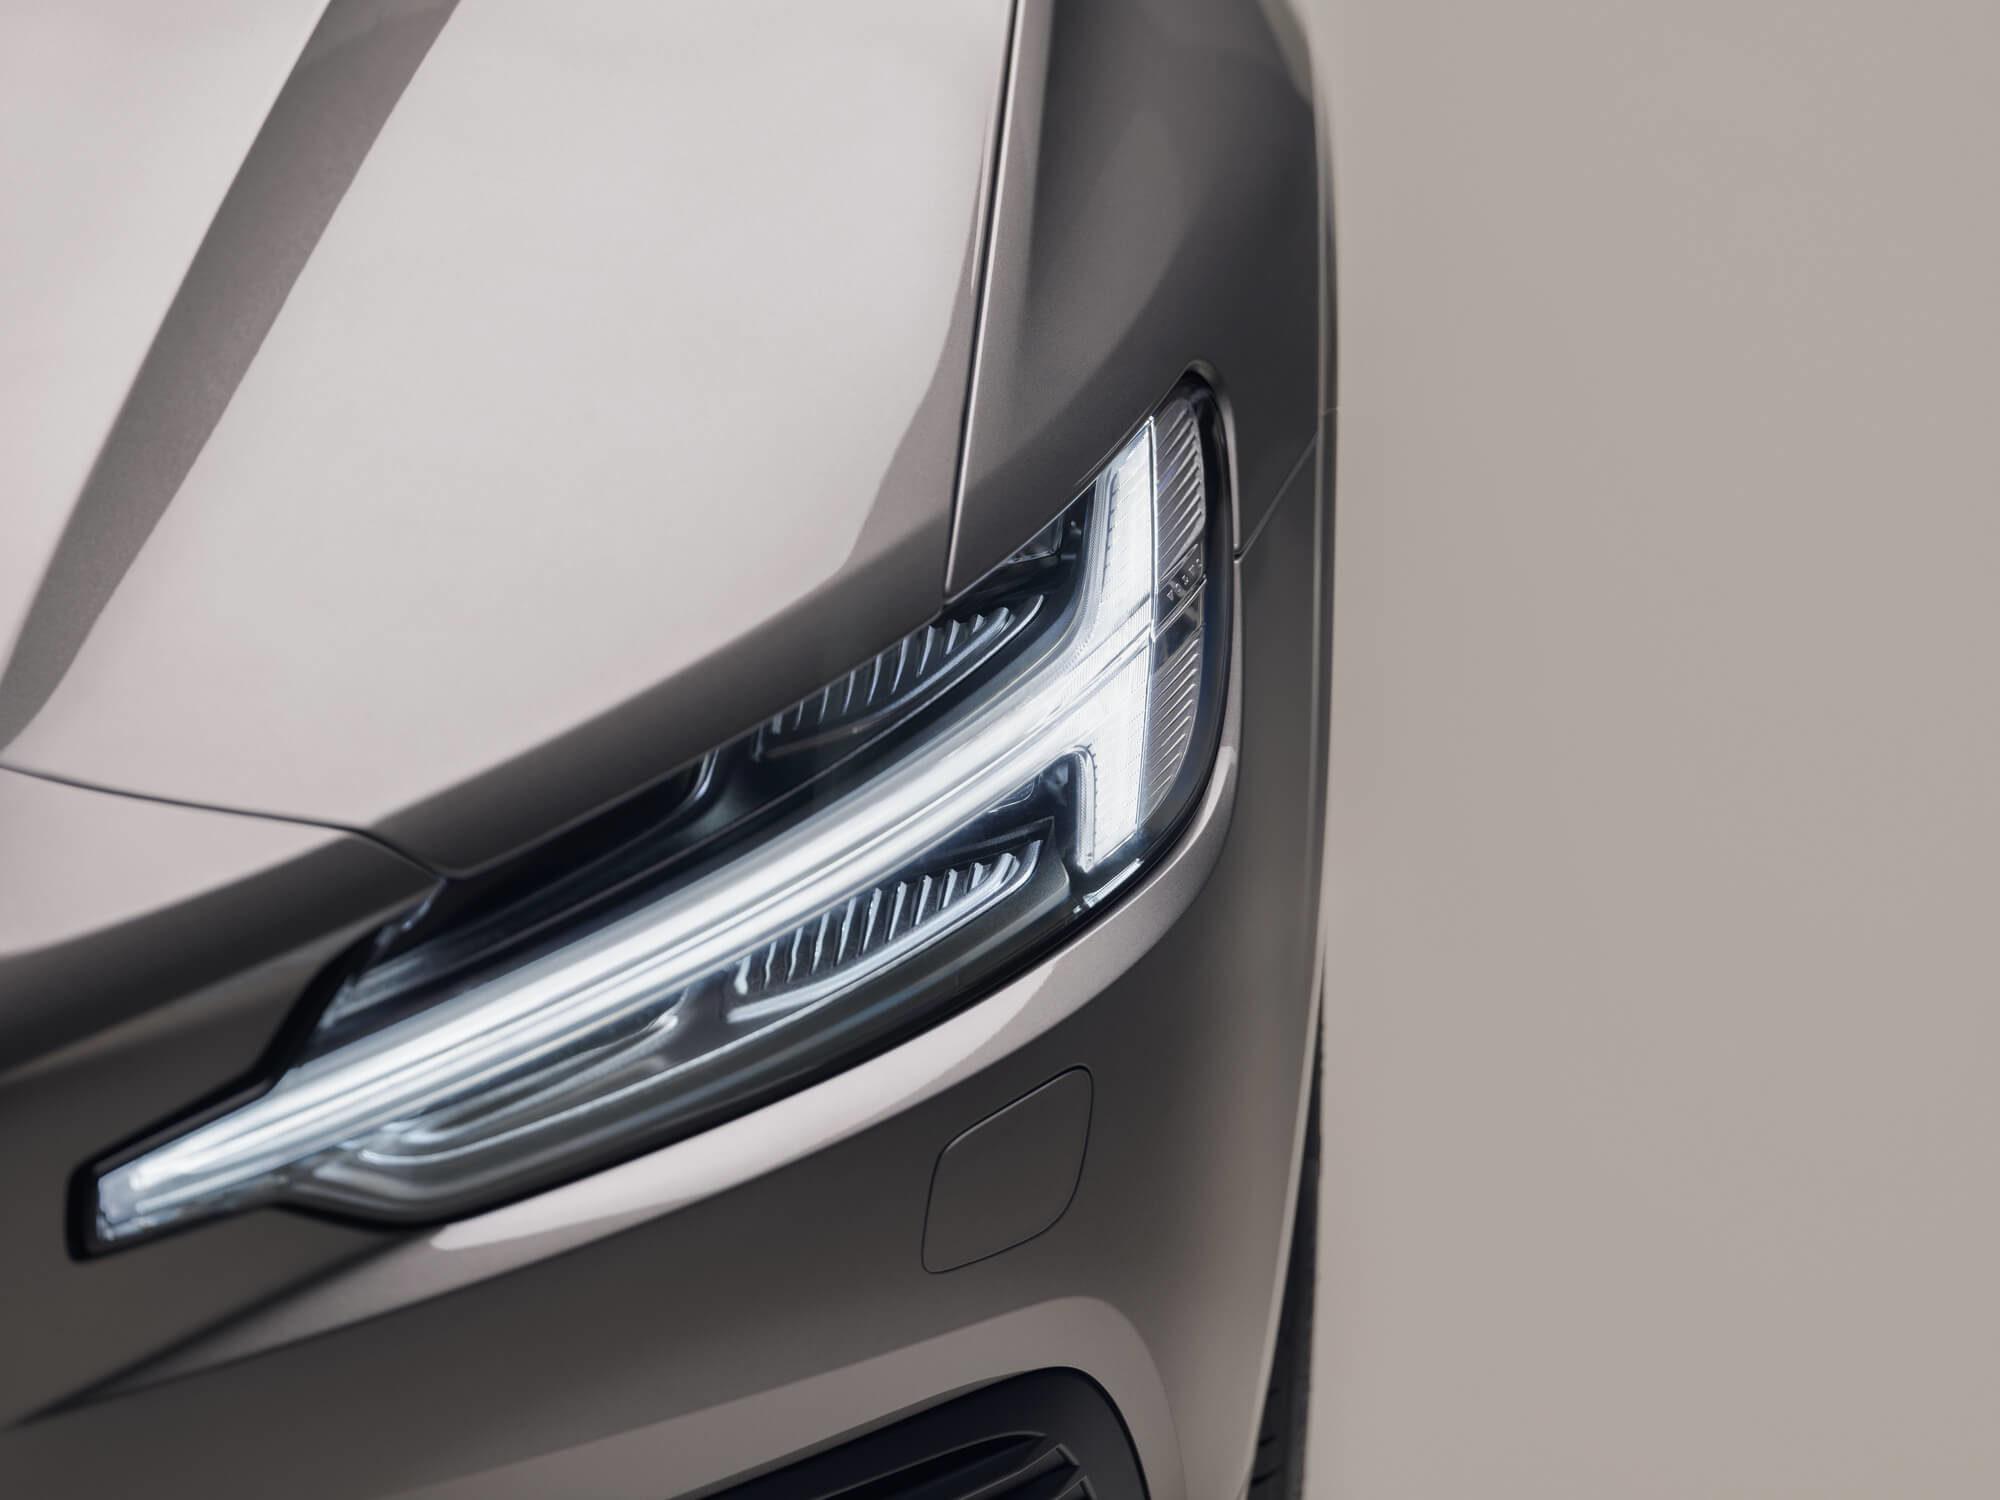 Volvo V60 koplamp detail